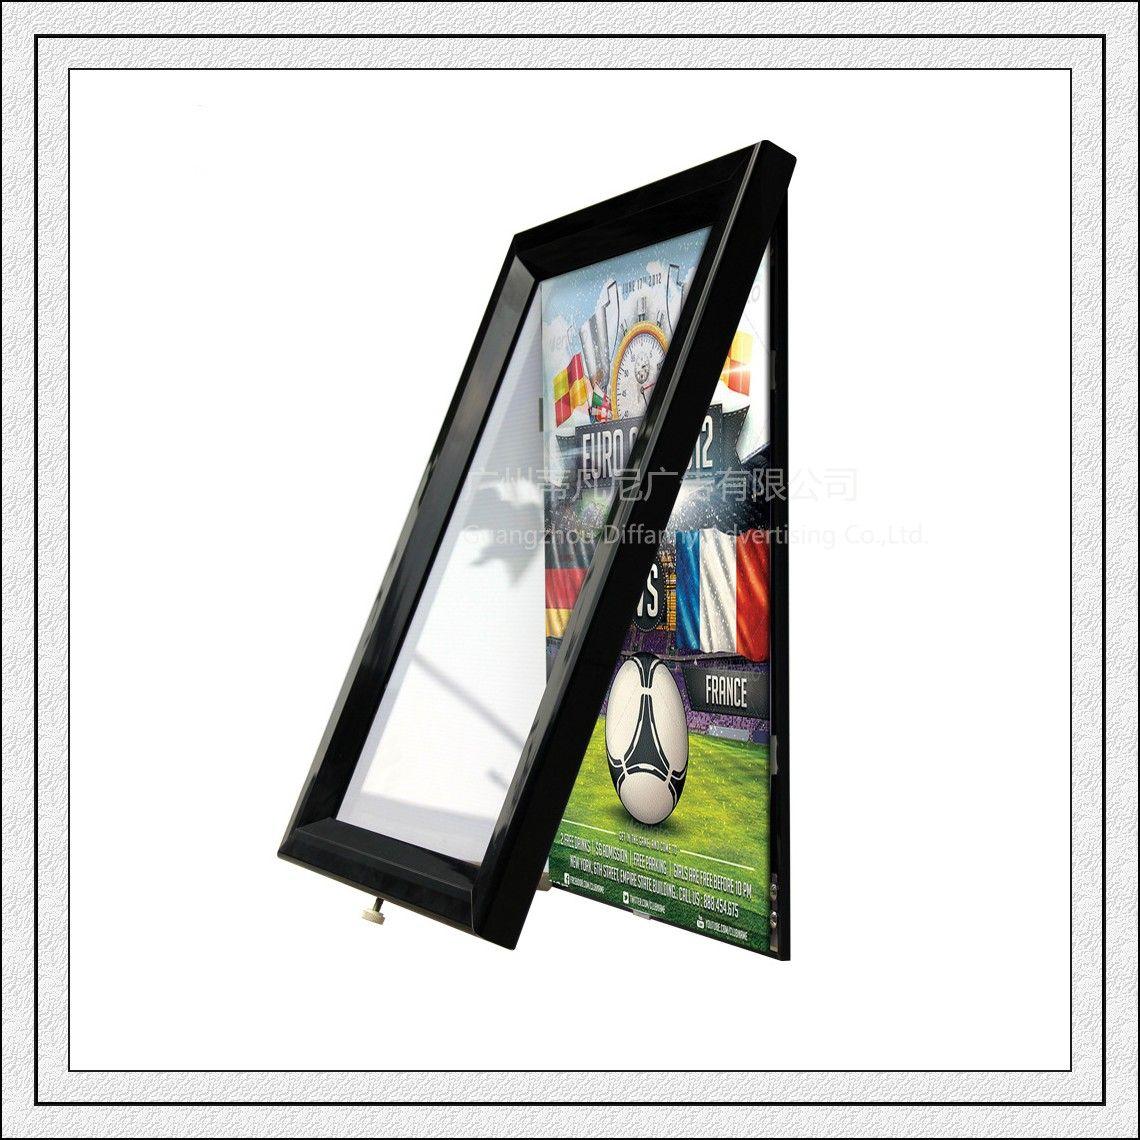 df013 metro ladder poster frame chainstore poster frame - Metro Frames